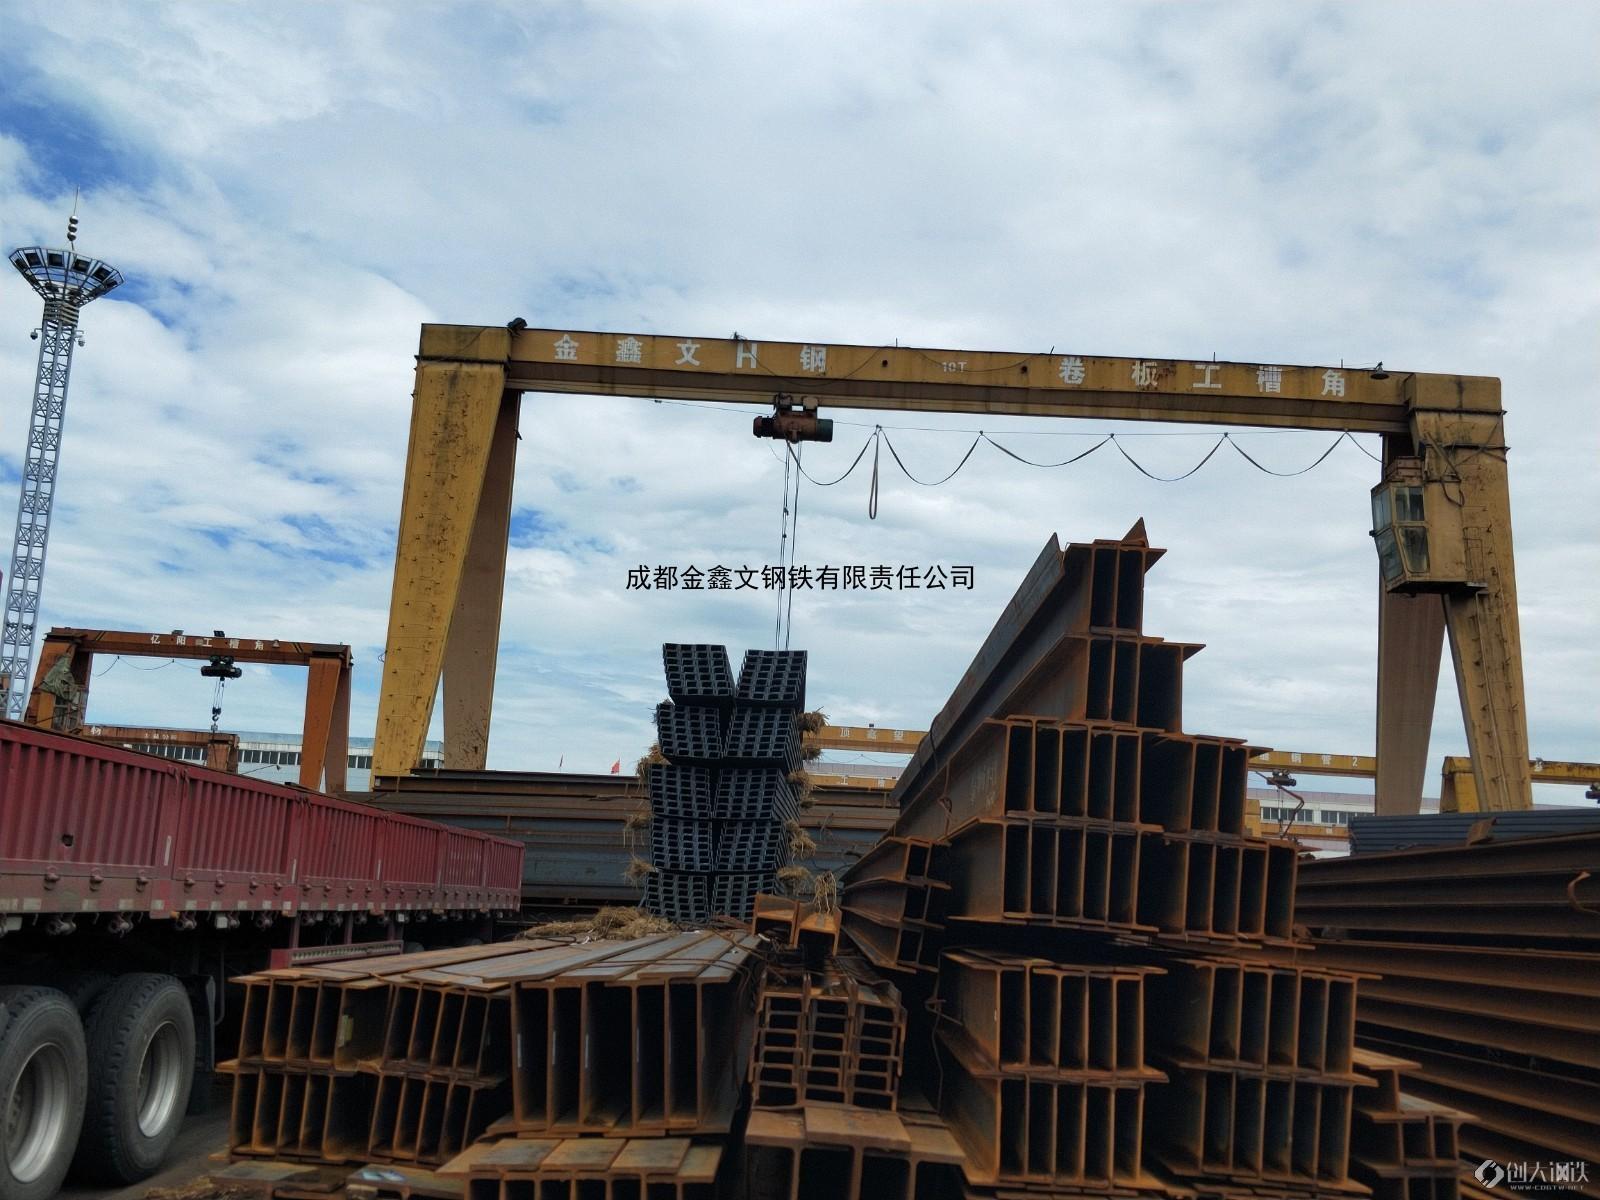 供应优质马钢角钢 工地,工厂专供 规格齐全 可送货上门